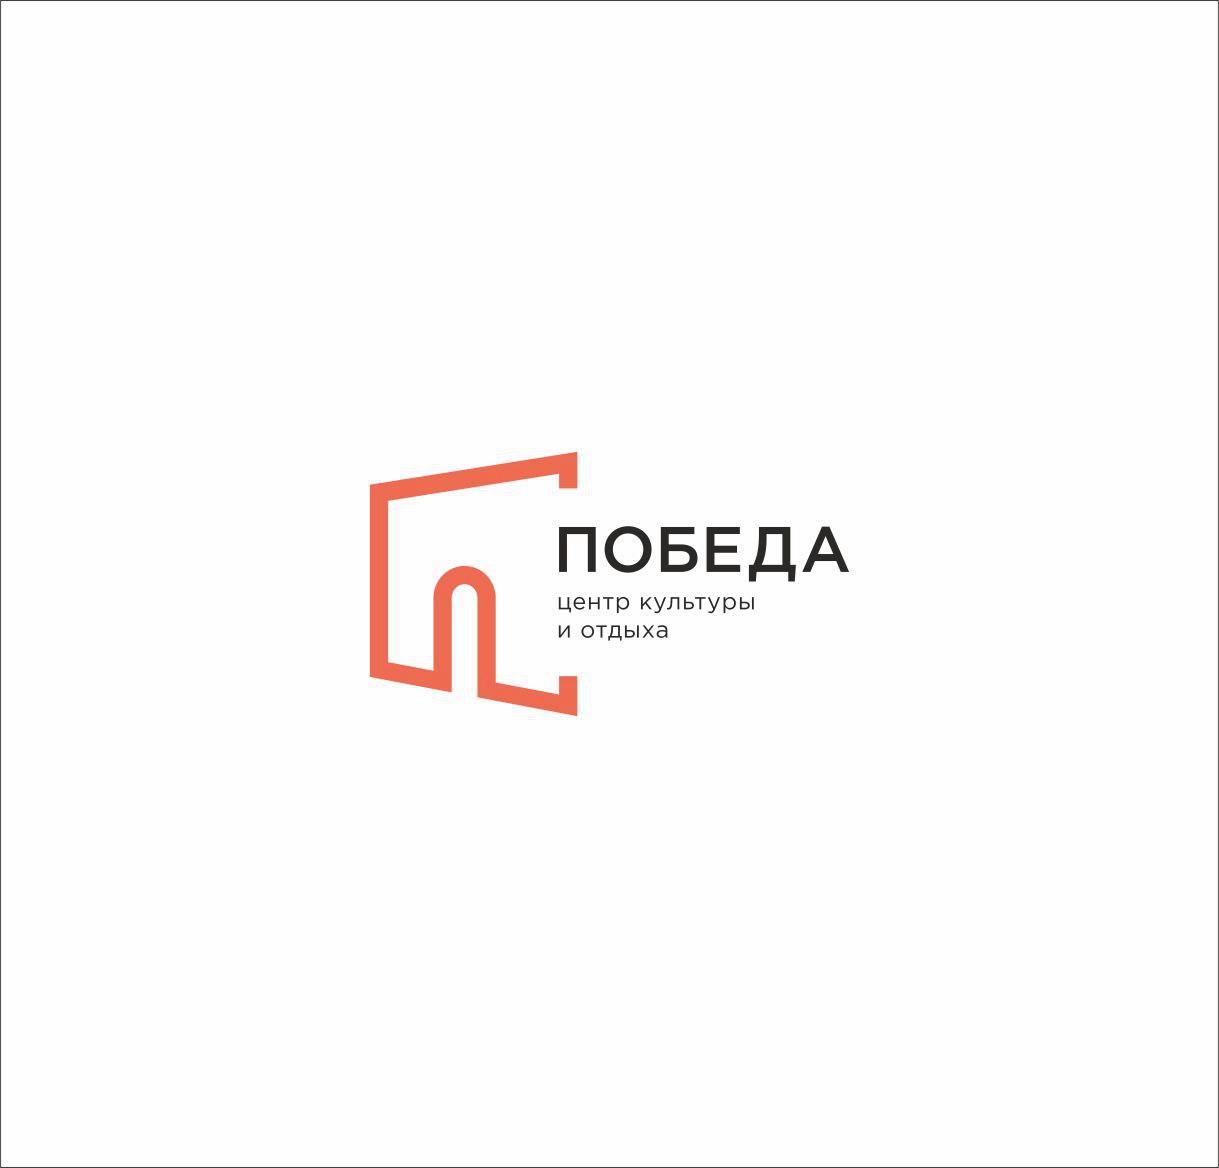 забронировать билеты победа кинотеатр новосибирск